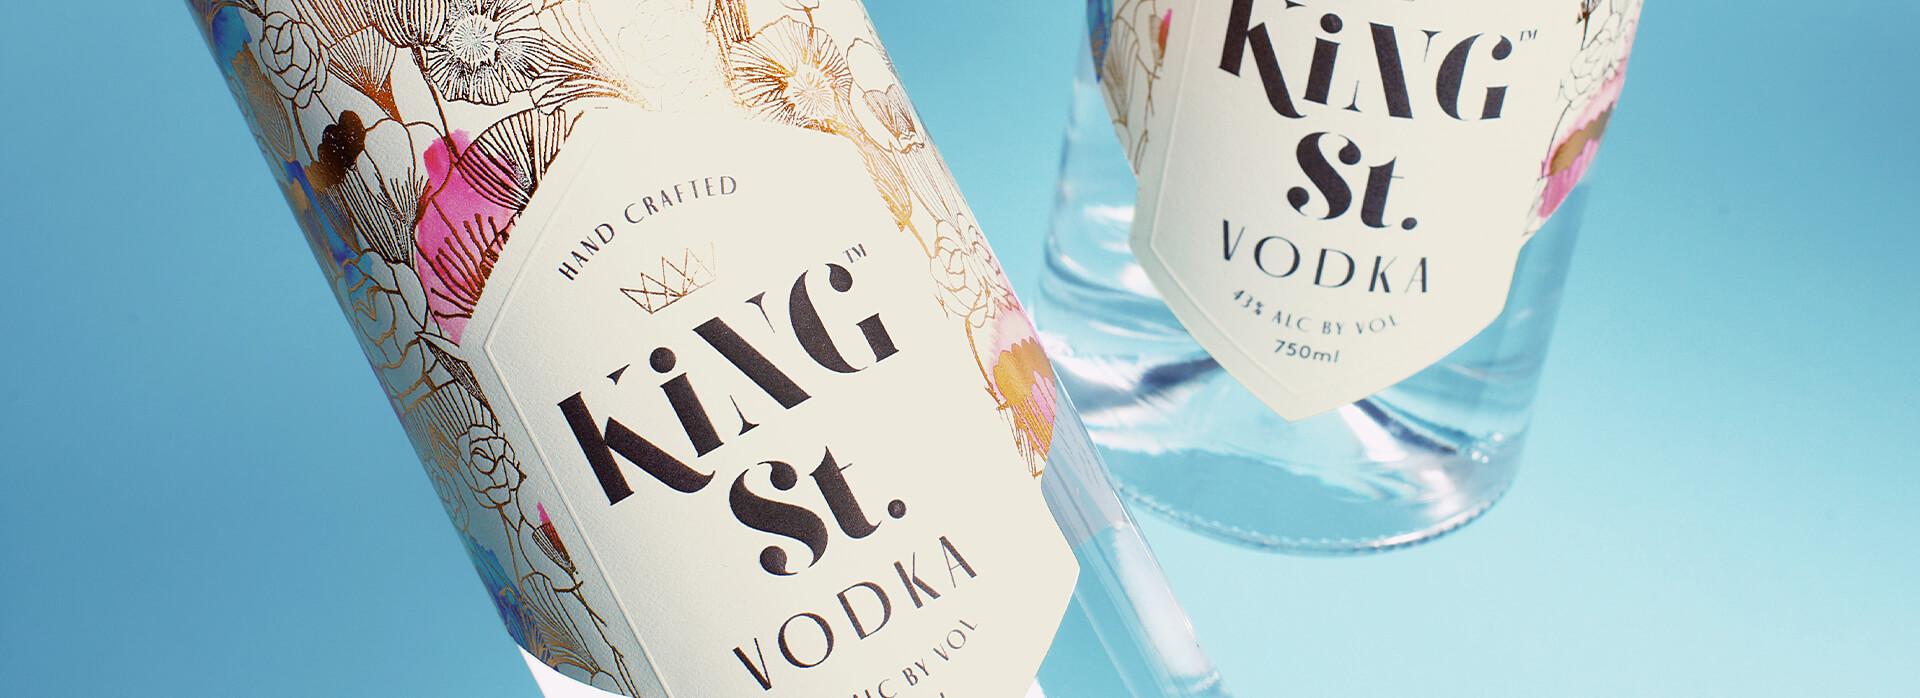 2 Bottles of King St Vodka.